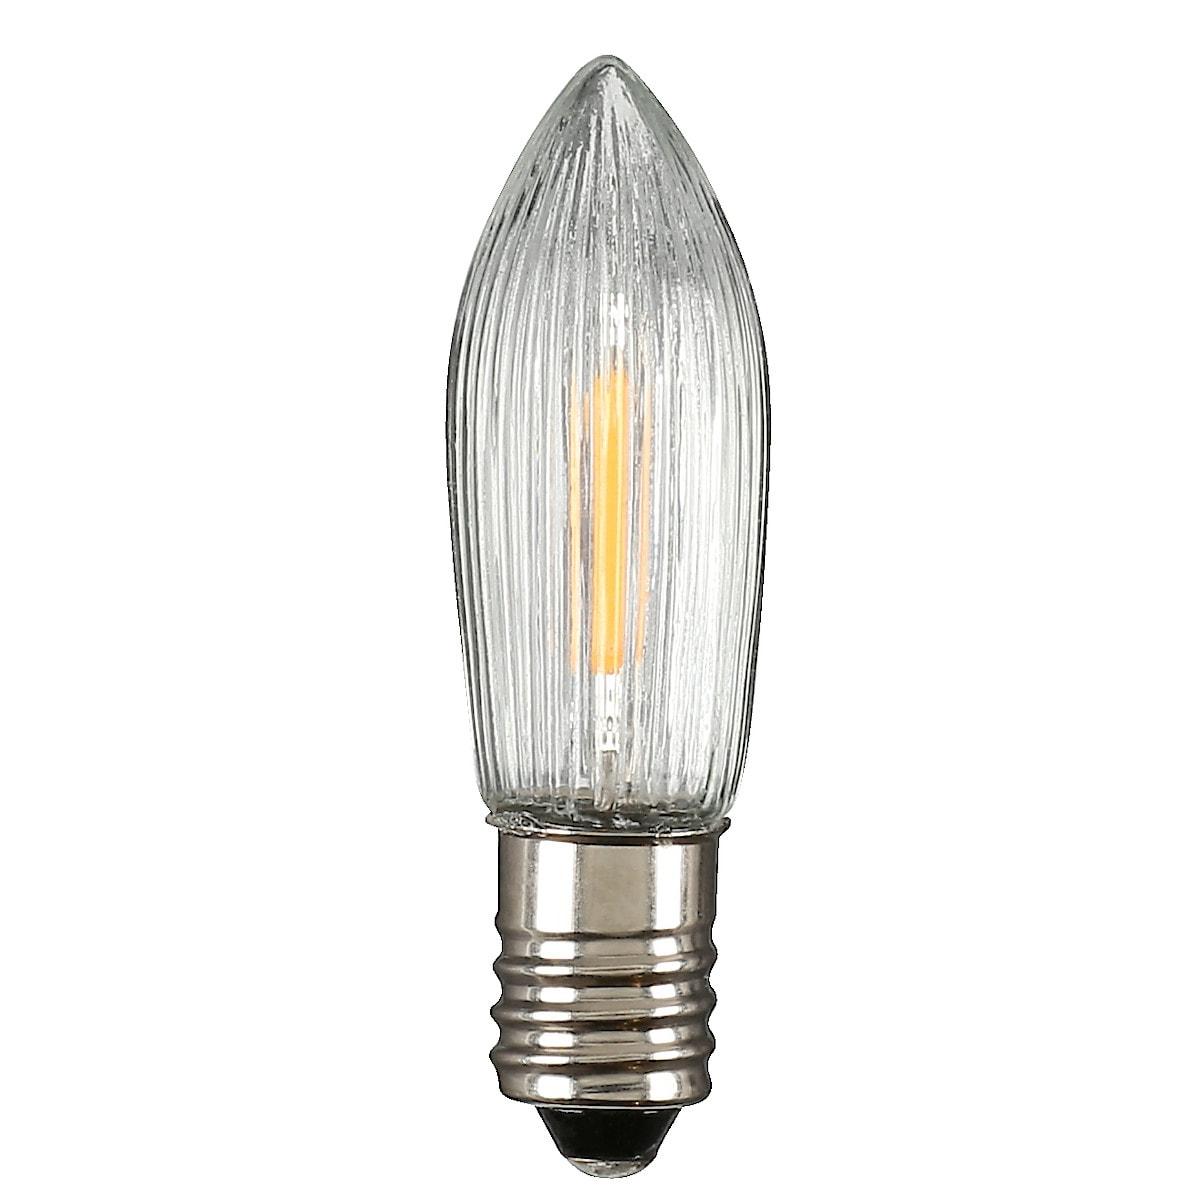 Reservlampa LED-filament 10-55 V 4-pack Northlight